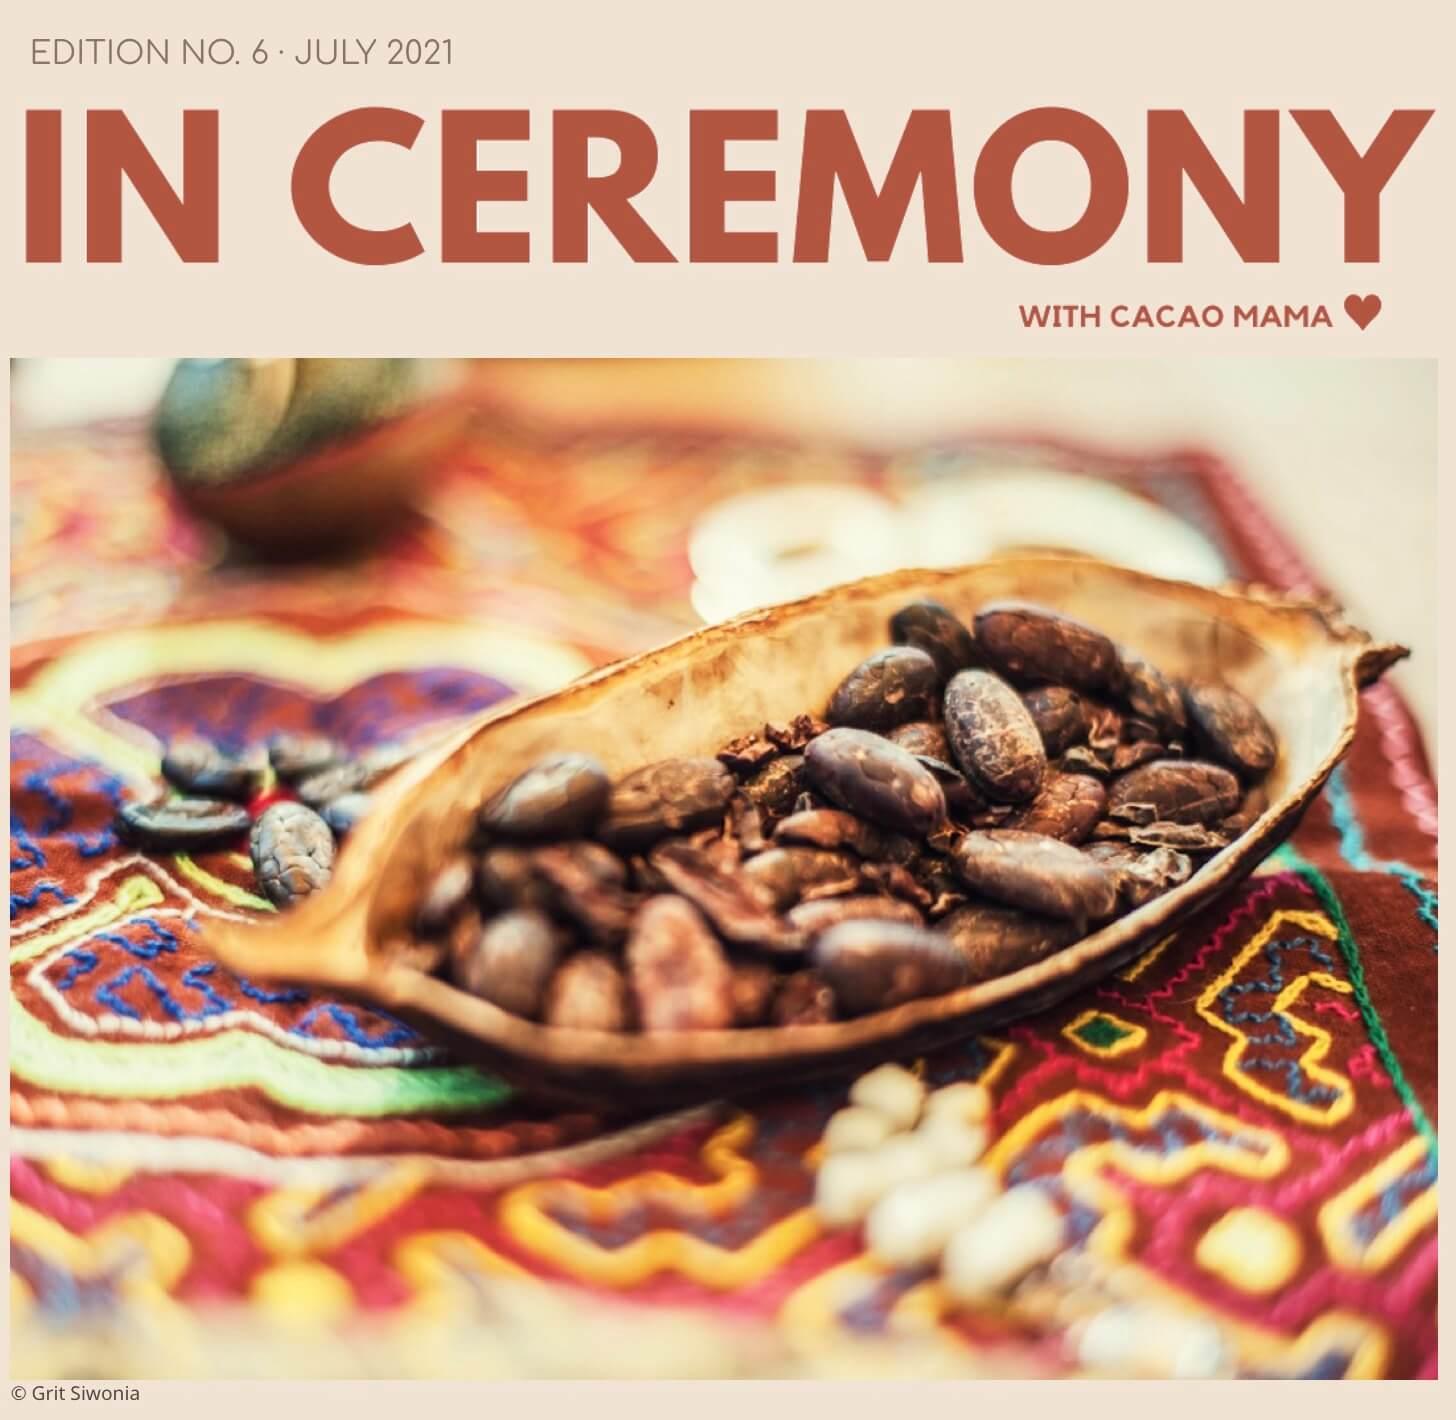 In Ceremony ·  Edition No 6